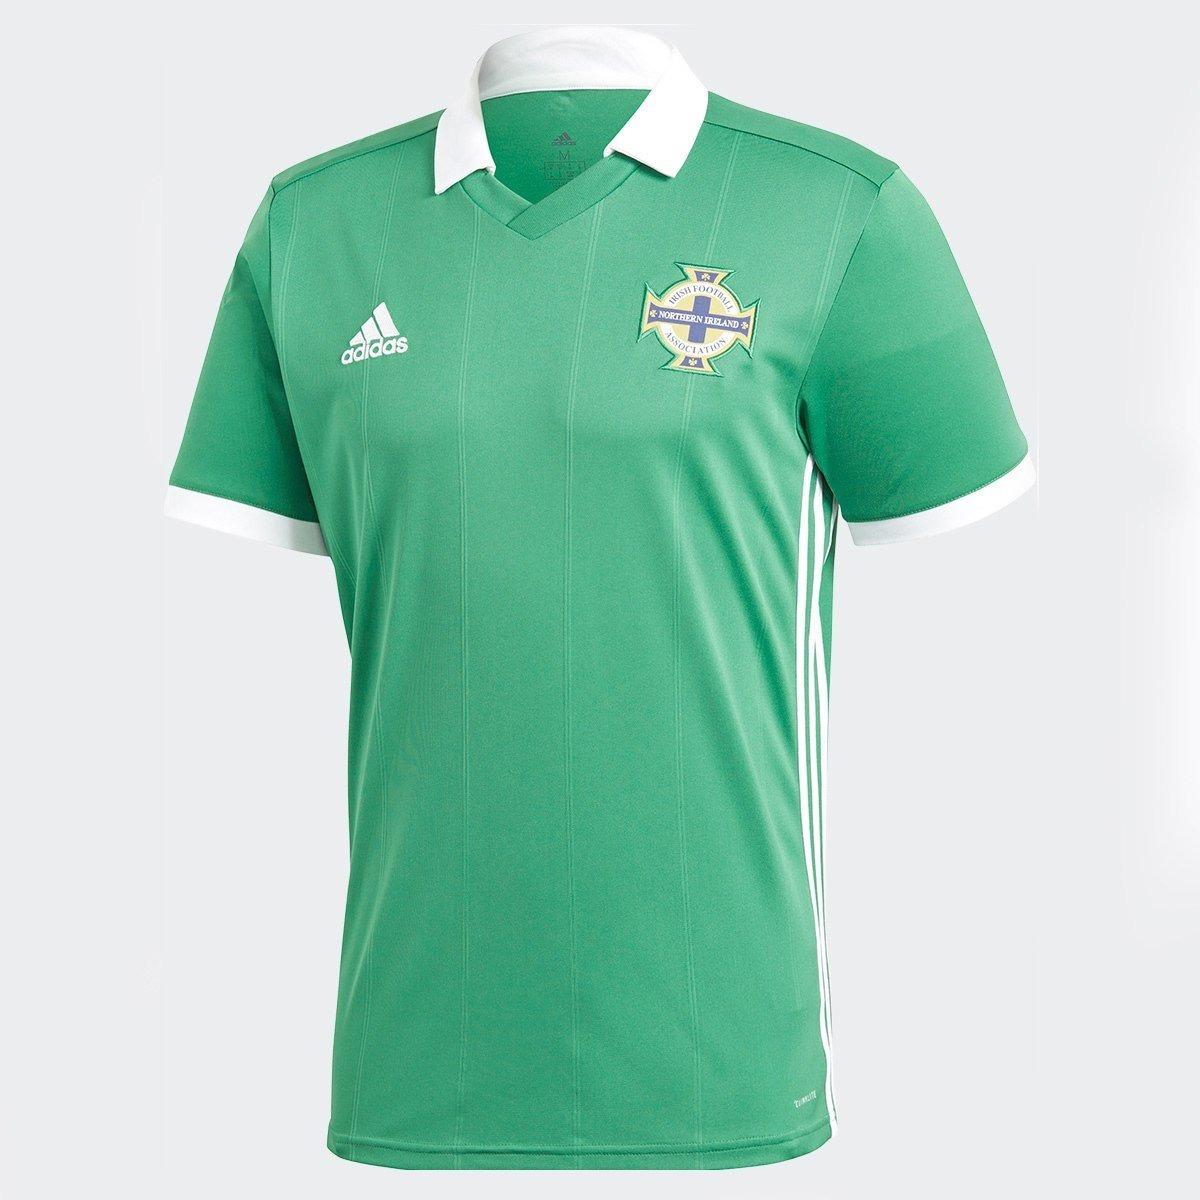 e2d94cf541 camisa seleção irlanda do norte home 17 18. Carregando zoom.